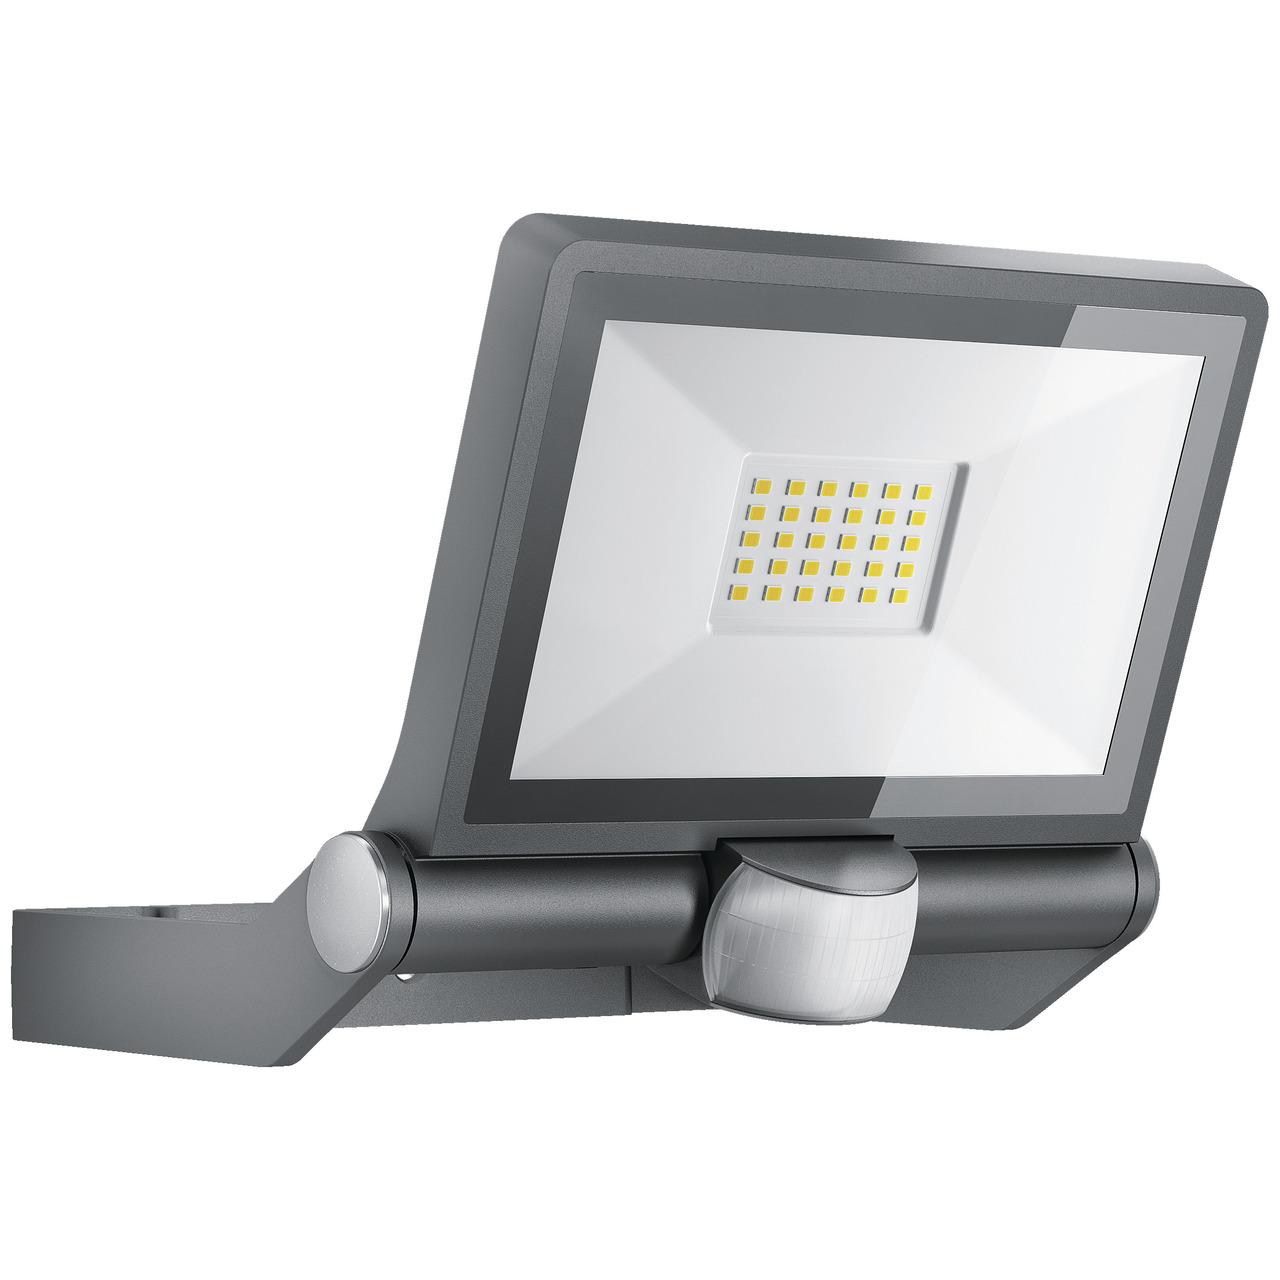 Steinel 23-5-W-LED-Strahler XLED ONE S- PIR-Bewegungsmelder- 2550 lm- warmweiss- IP44